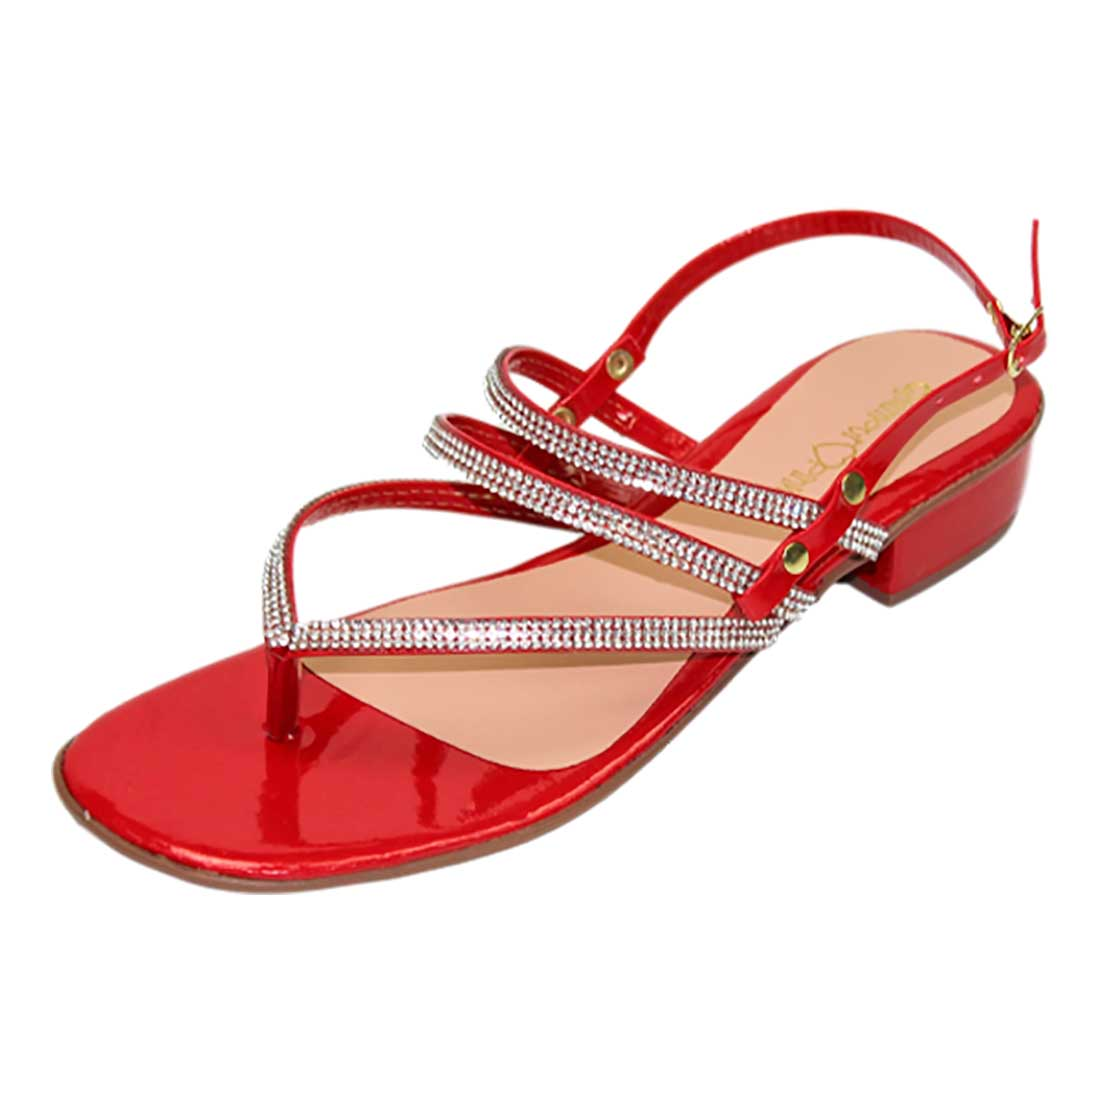 Sandália Salto Baixo com Tiras em Strass - Vermelho